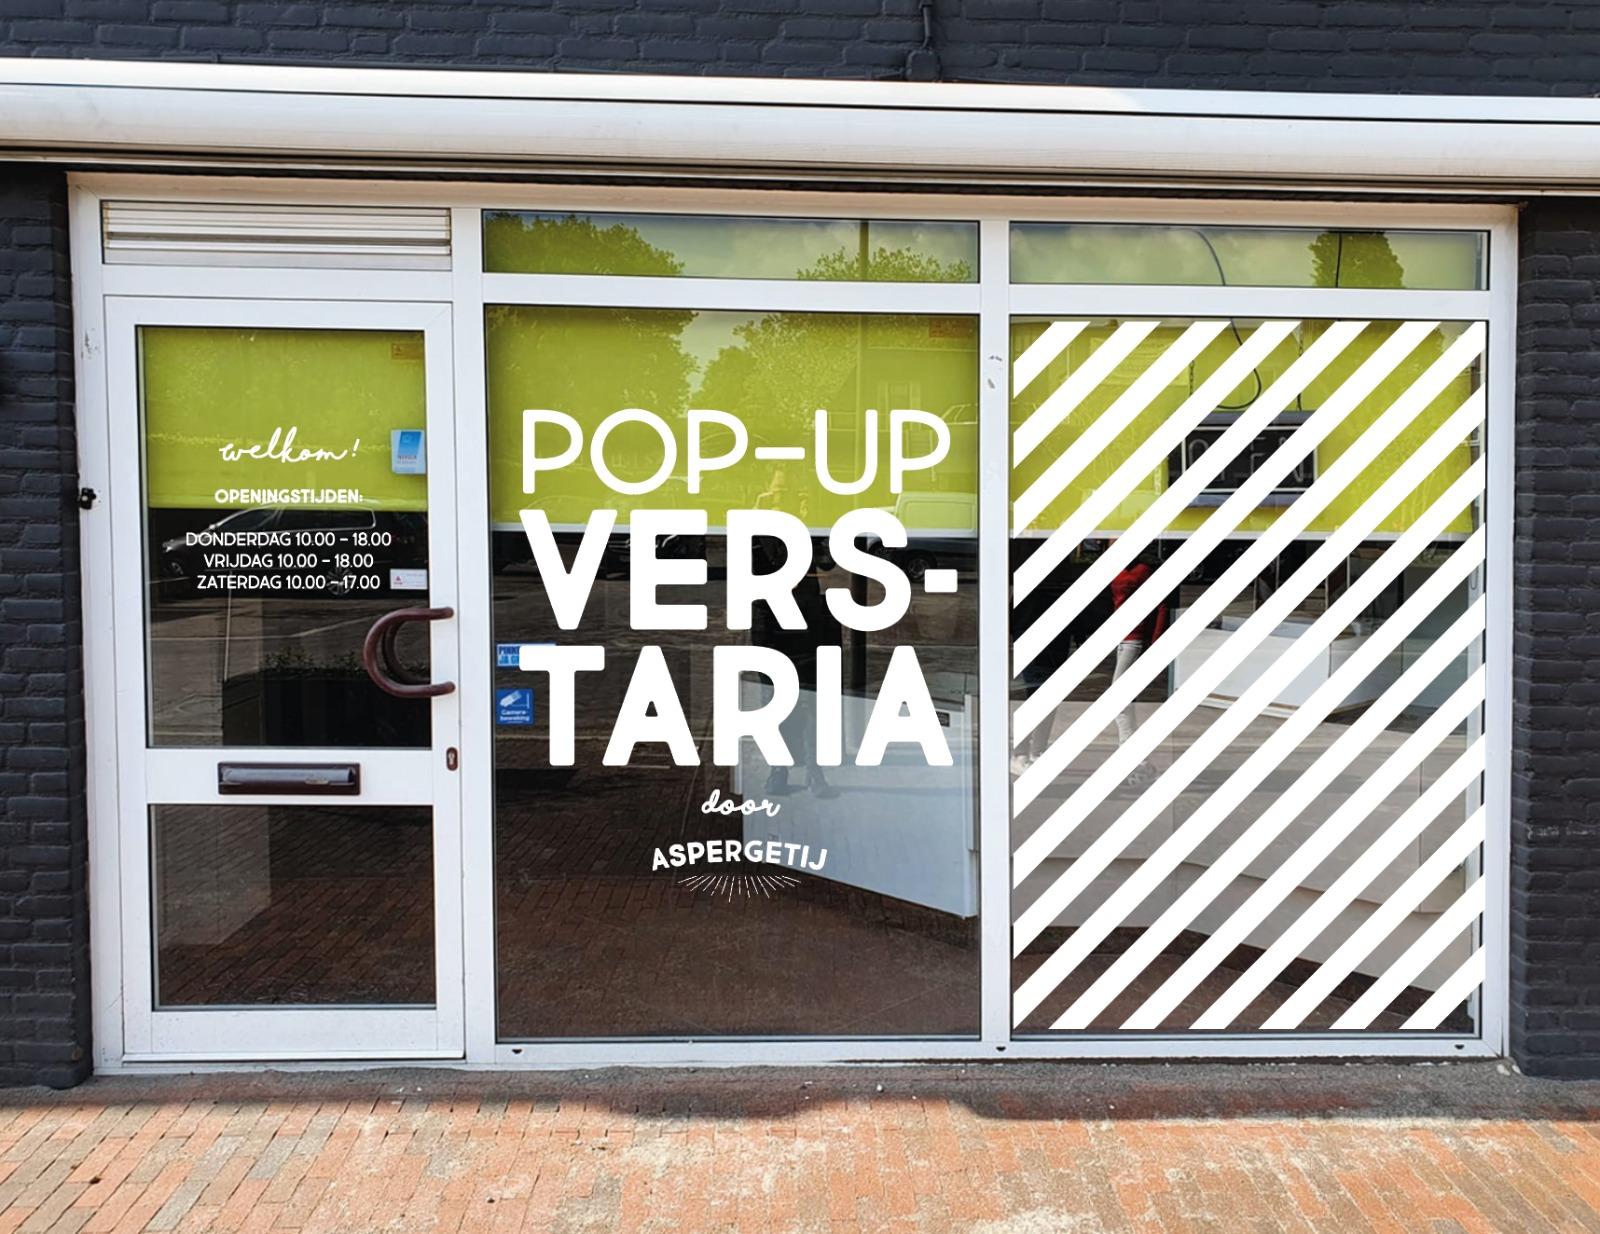 Pop-Up Verstaria